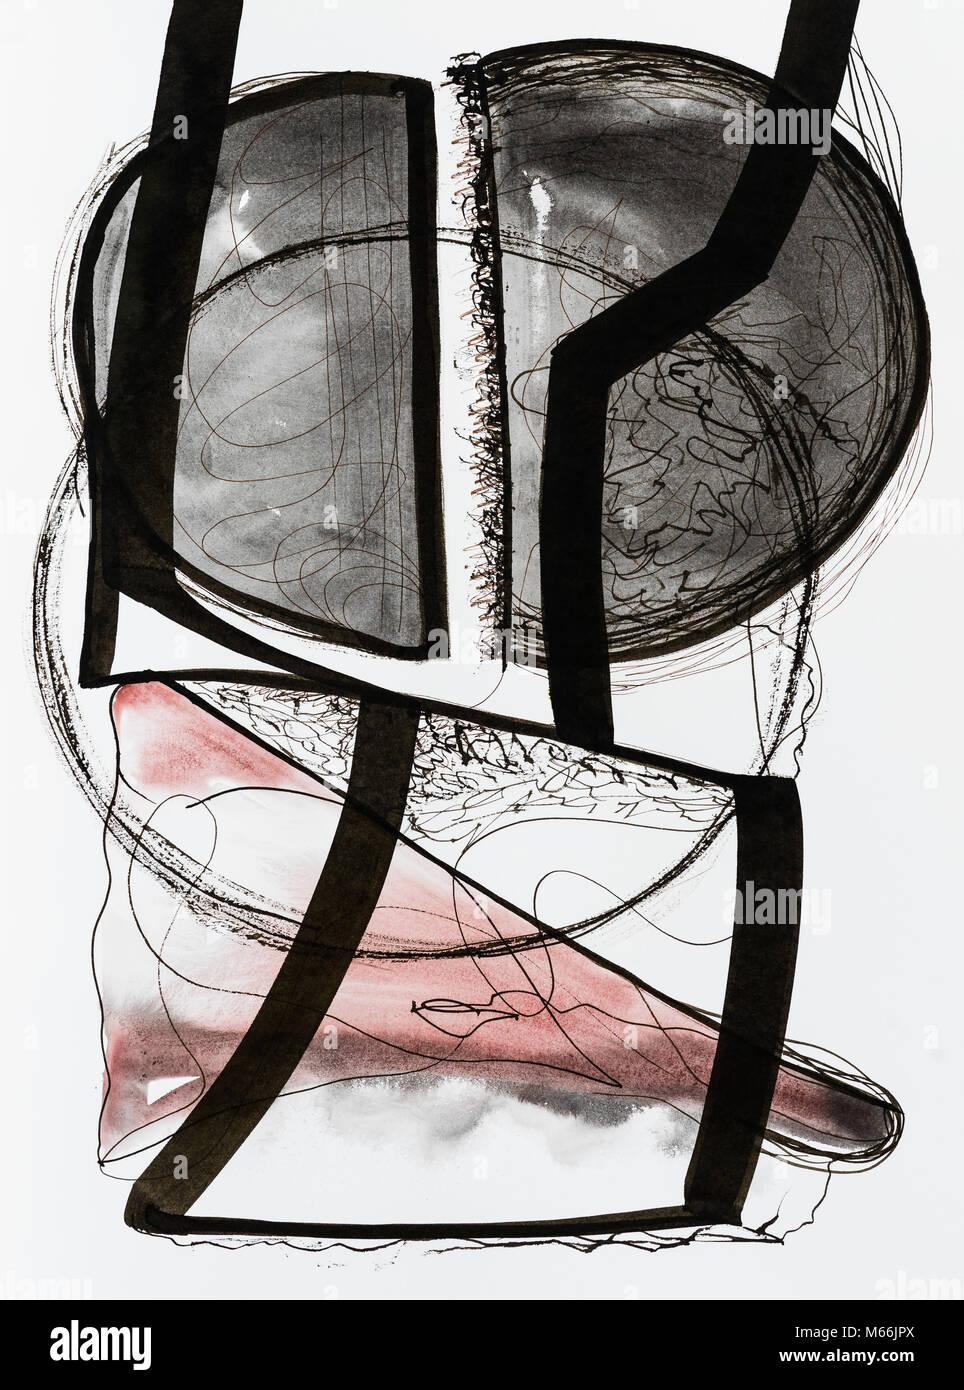 Un abrégé dessin calligraphique. Photo Stock